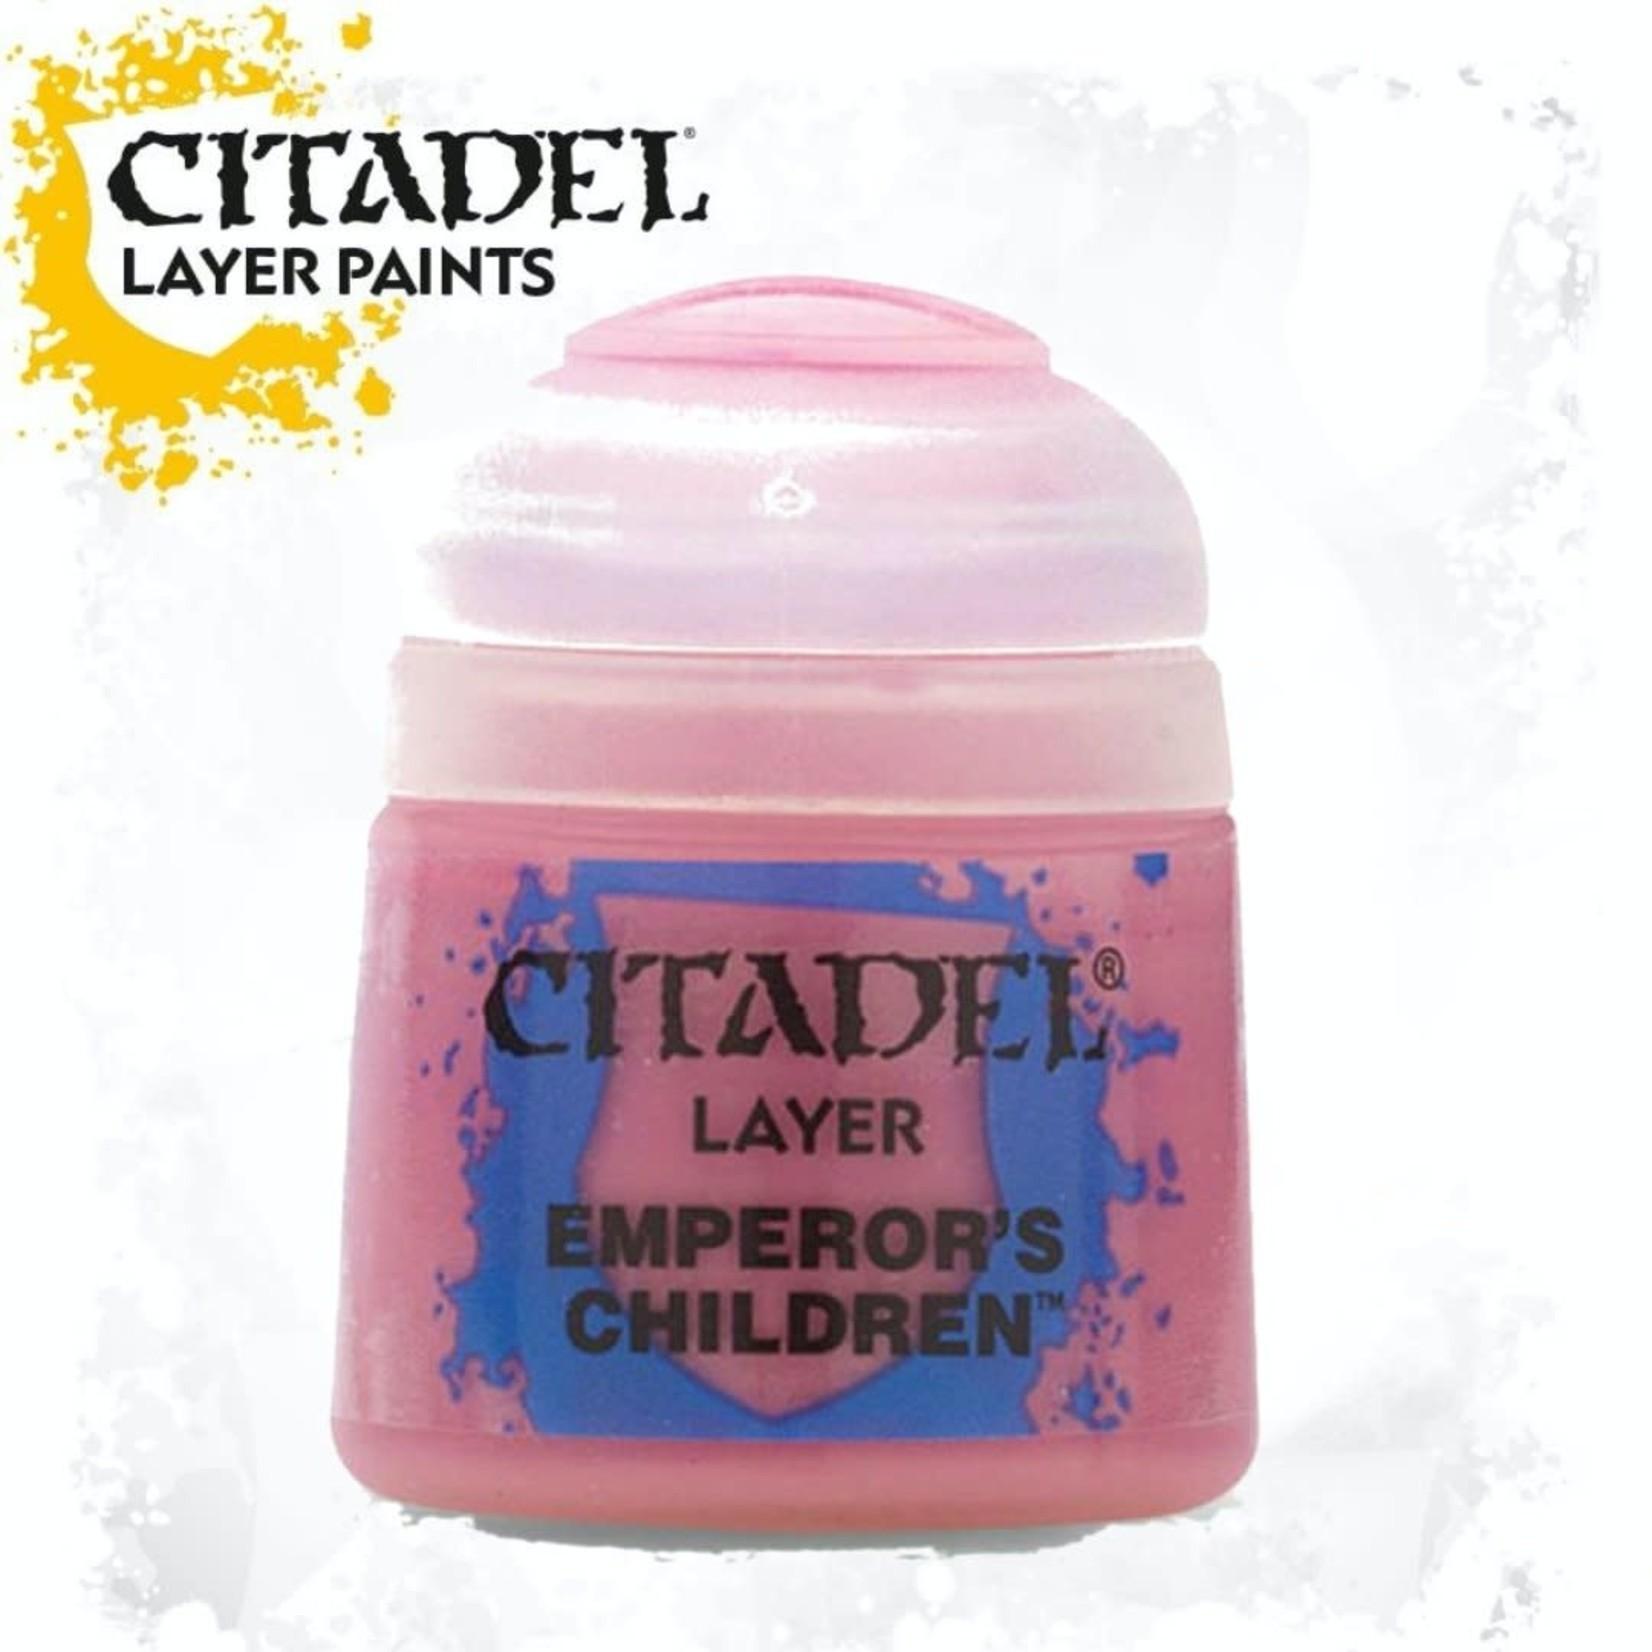 Citadel Citadel Paint - Layer: Emperor's Children